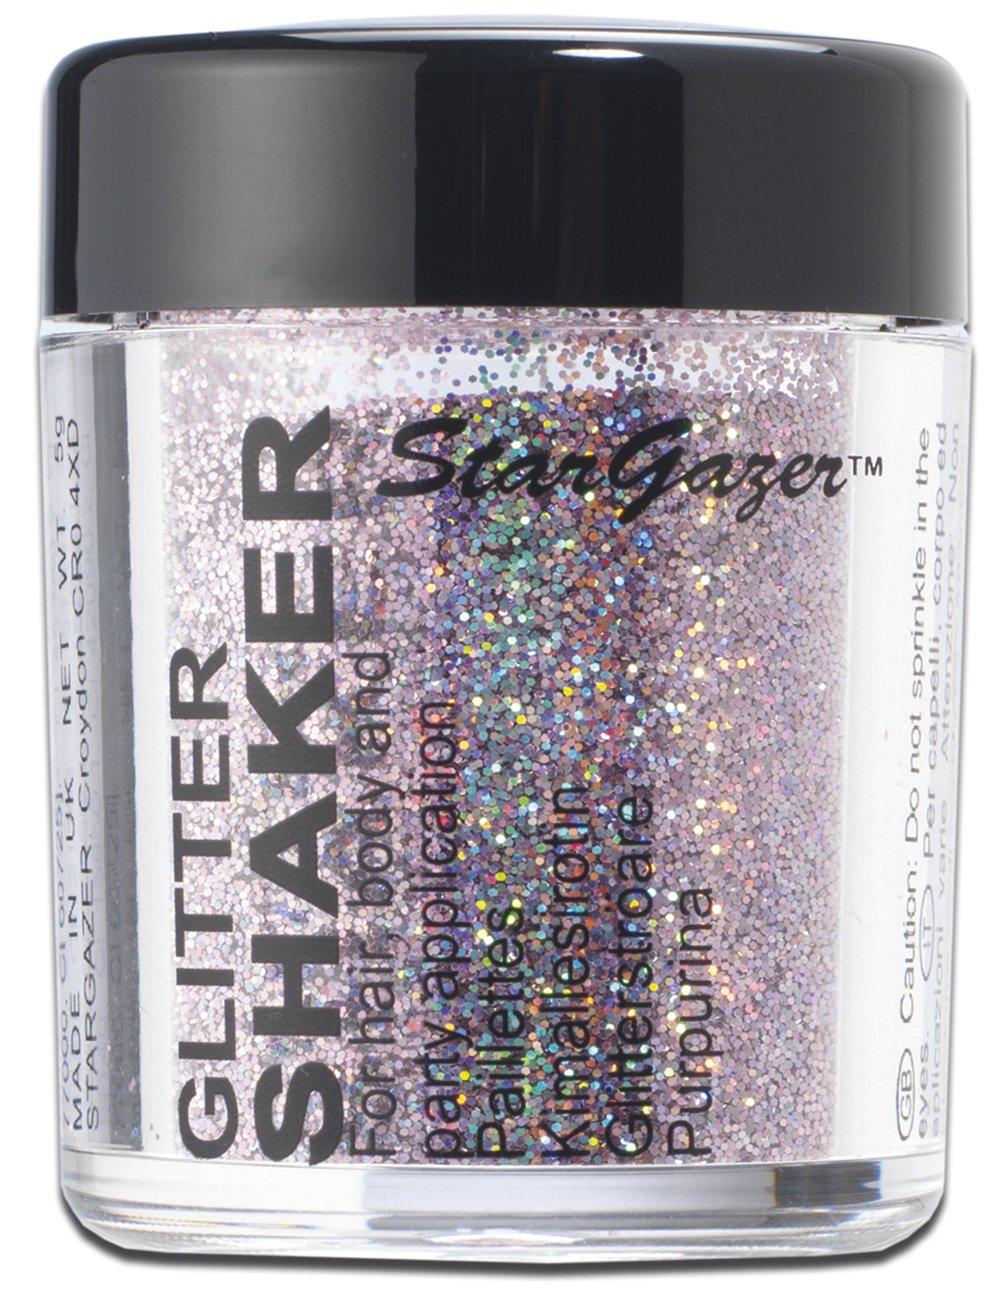 Stargazer Starlight Loose Glitter Shaker for Hair & Body-Rocket Silver 5036469041570